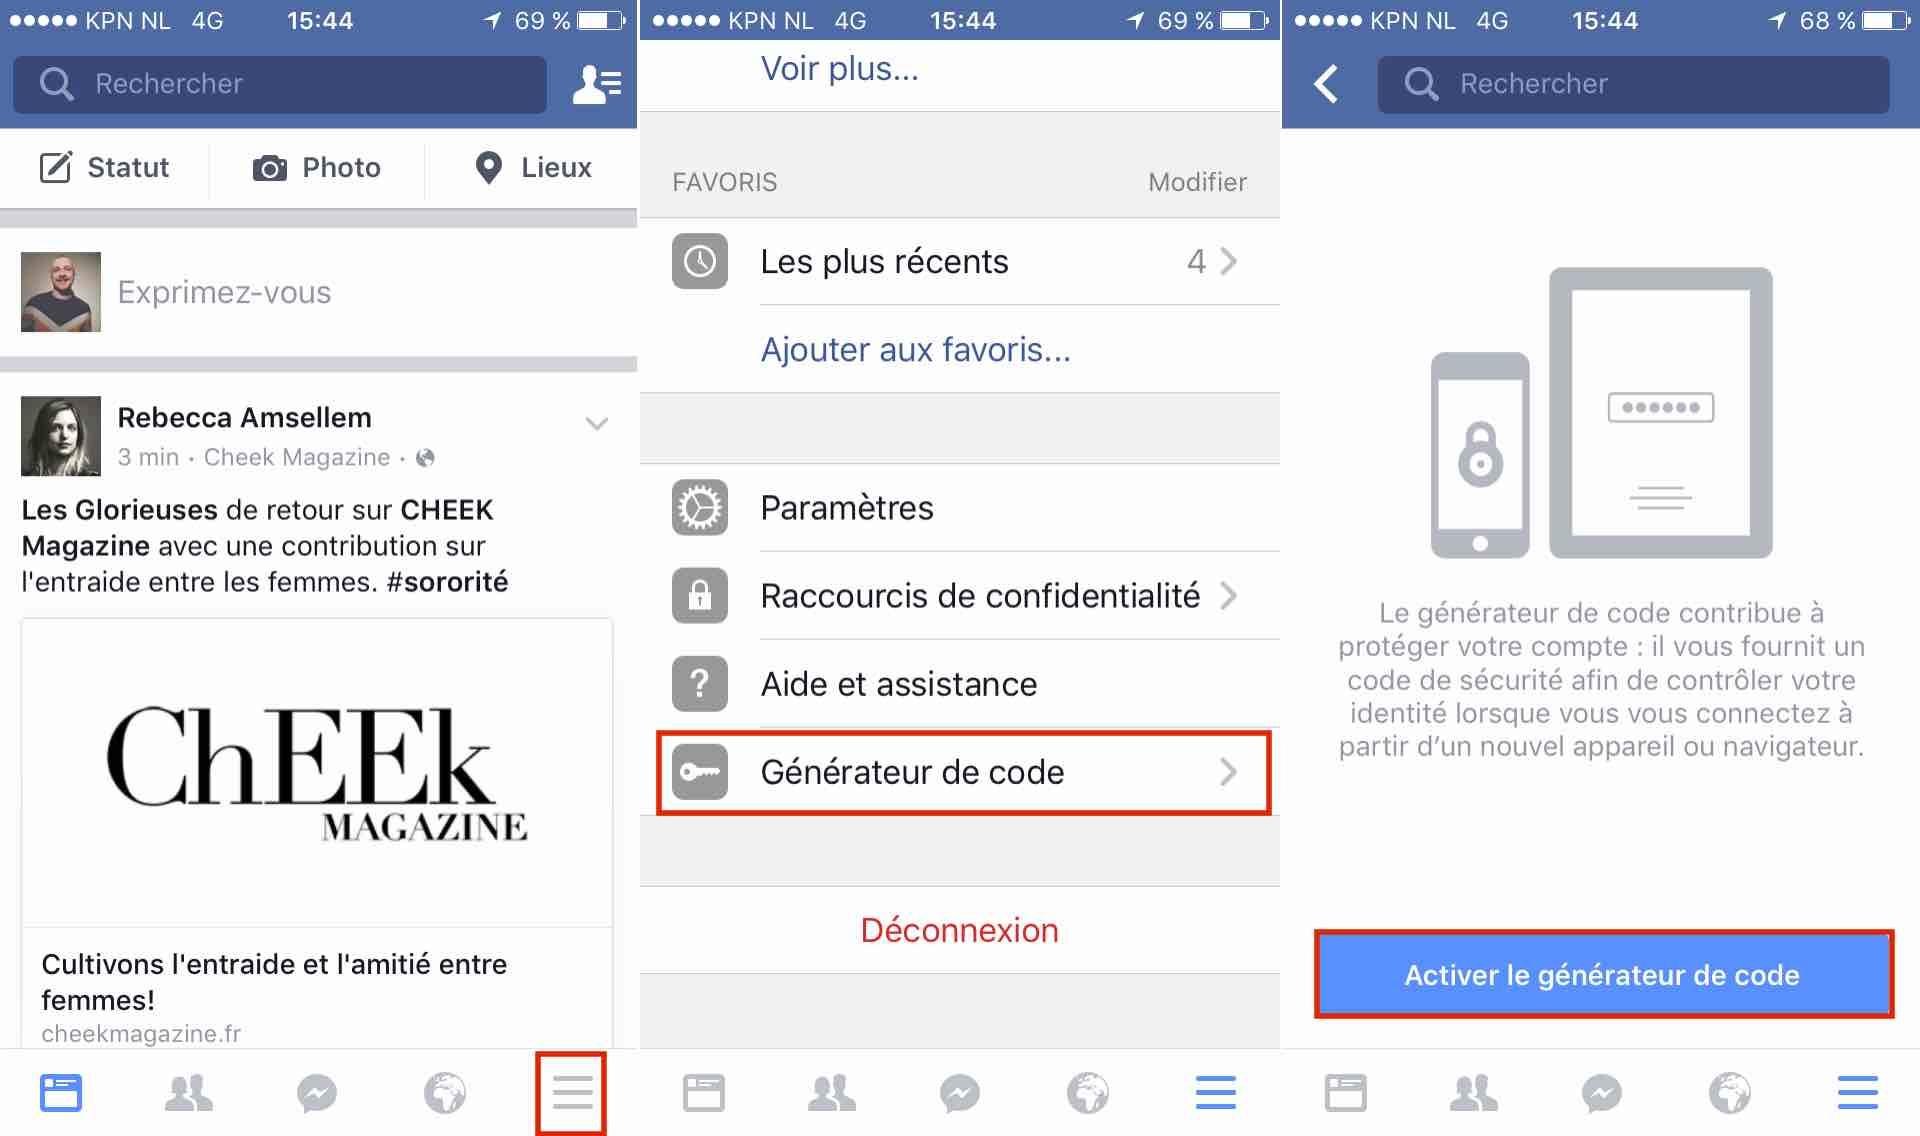 Facebook activer double authentification : comment activer la double authentification pour plus de sécurité